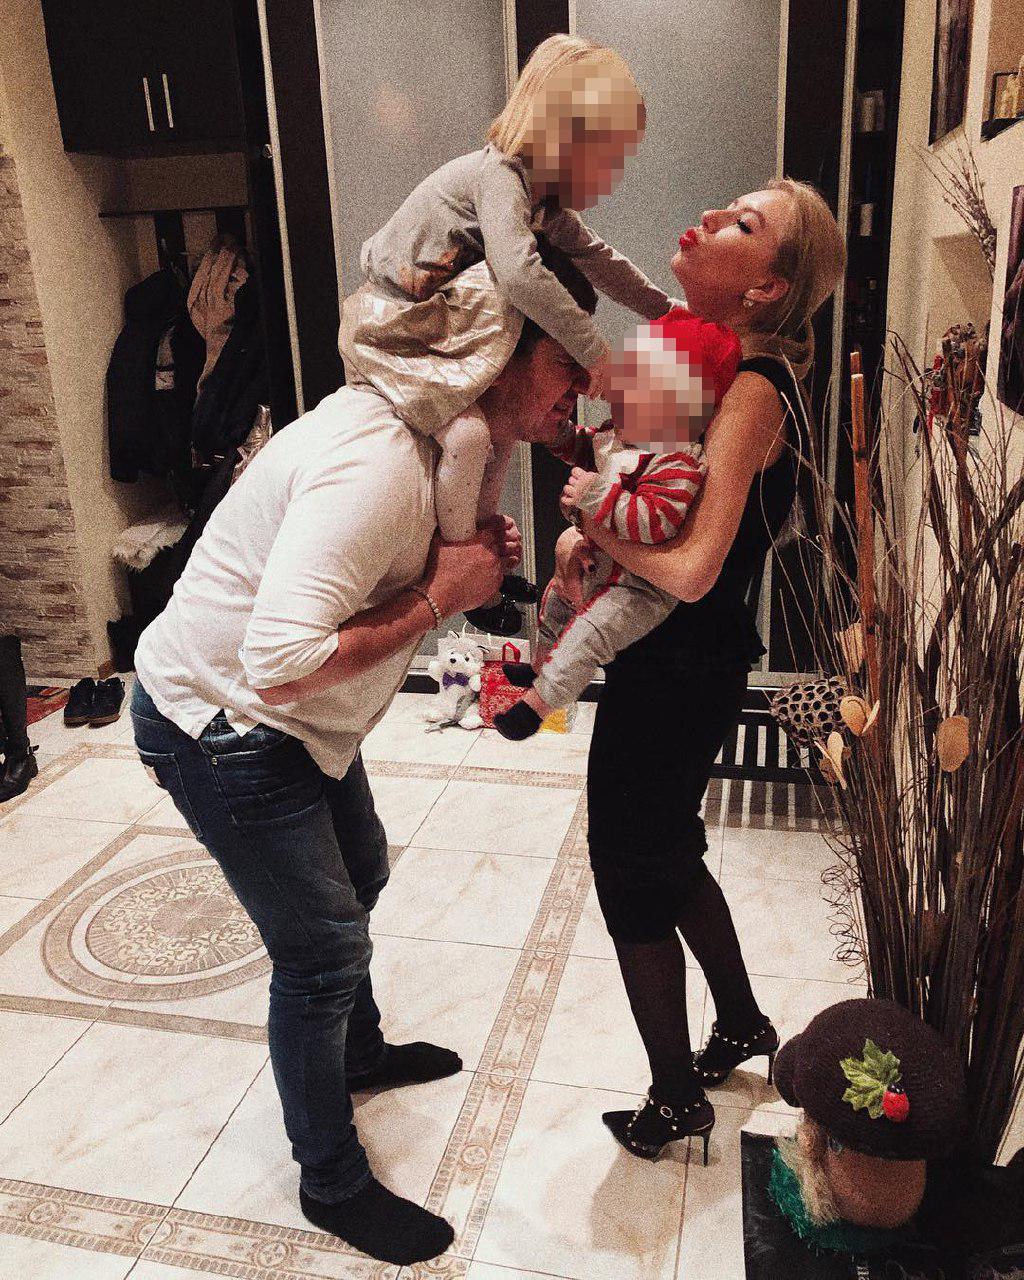 Фото © Instagram/Christina Tuleeva / Семья Стаса, за которой следит всего 3 тыс. подписчиков его жены :(